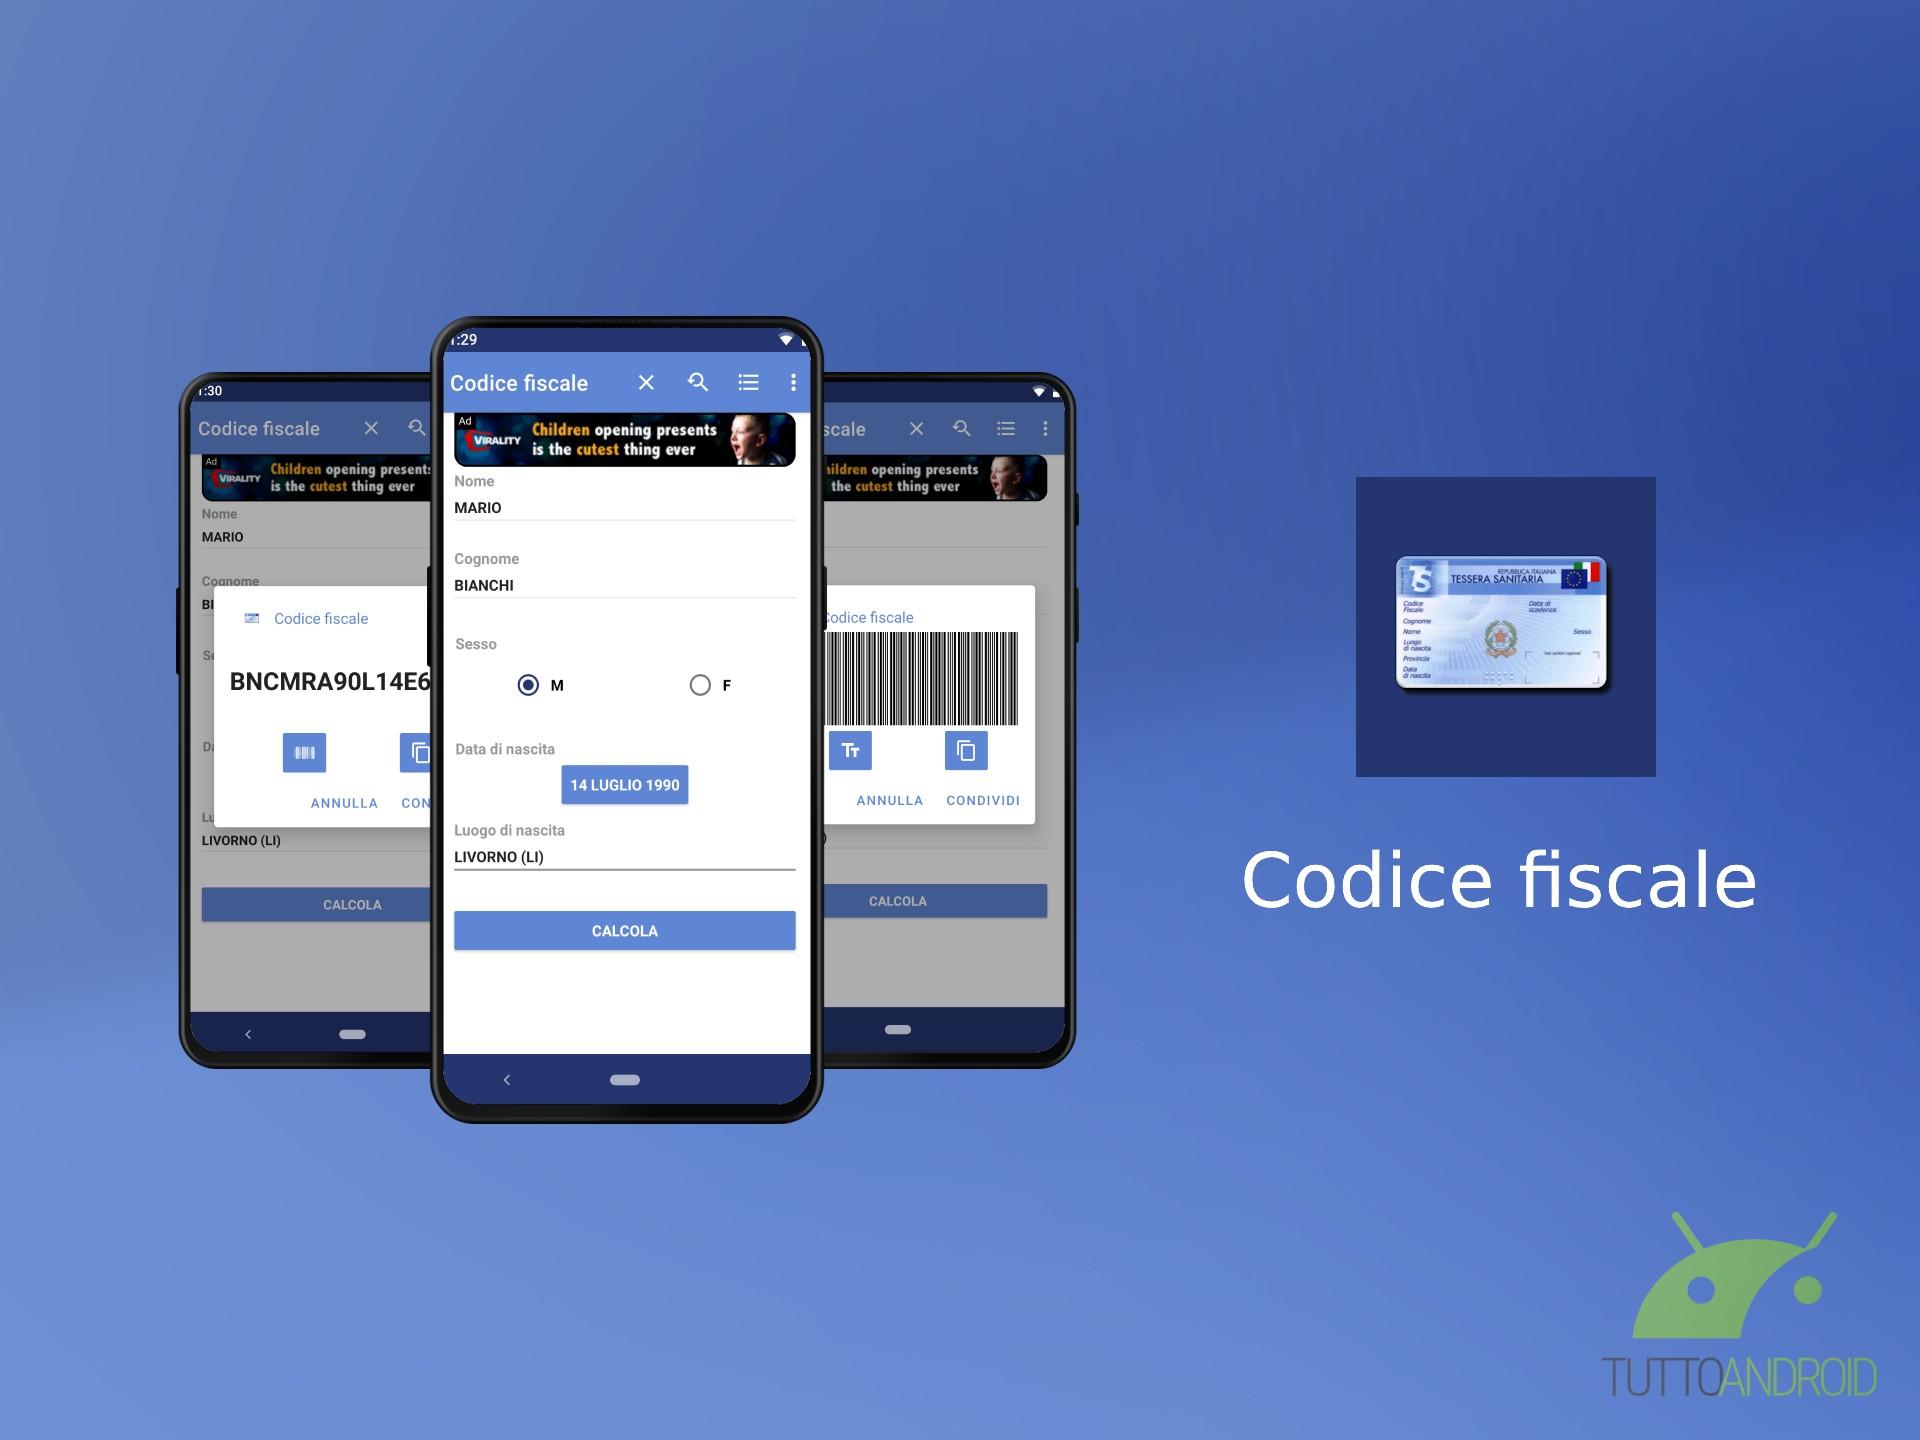 Quest'app permette di calcolare, verificare e condividere il